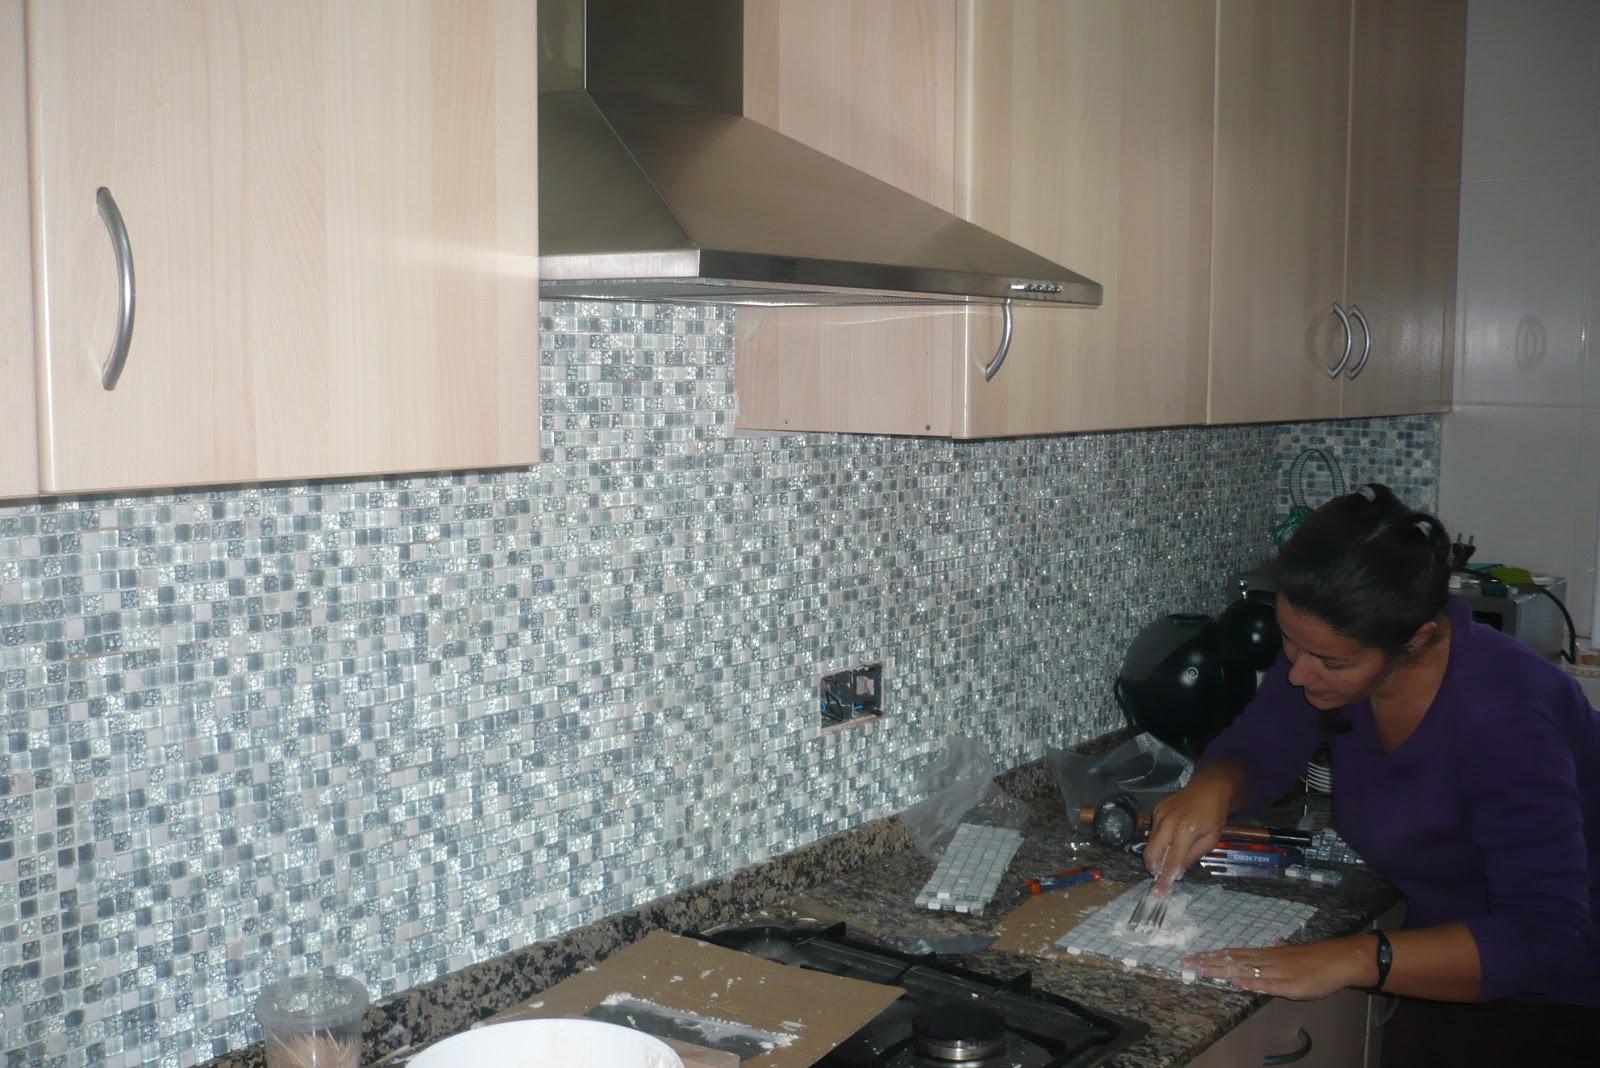 Cocina renueva tu casa sin obras for Guardas decorativas para cocina